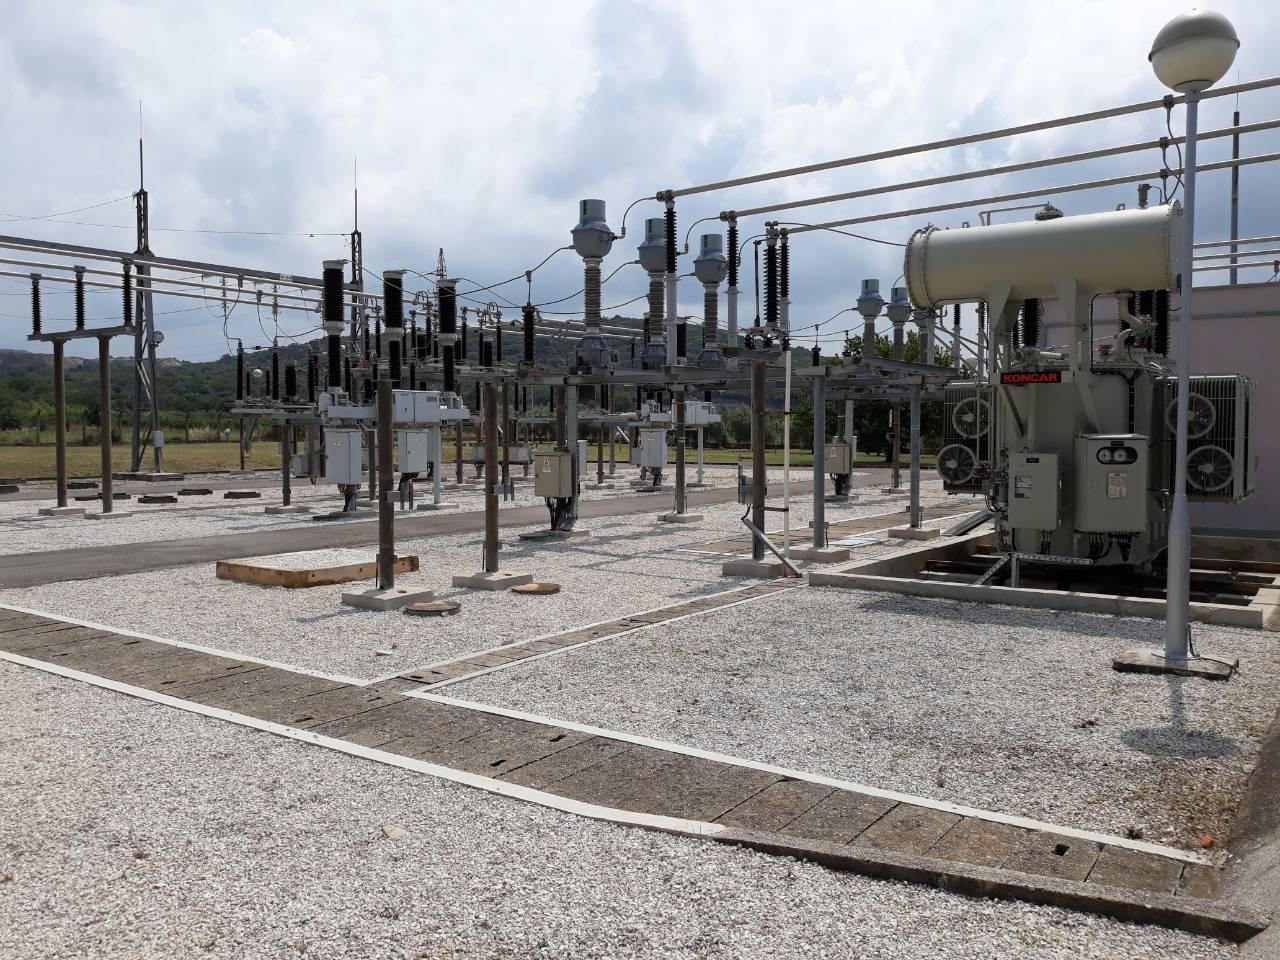 Ricostruita la stazione di trasformatori elettrici Monte di Torre a 20kV